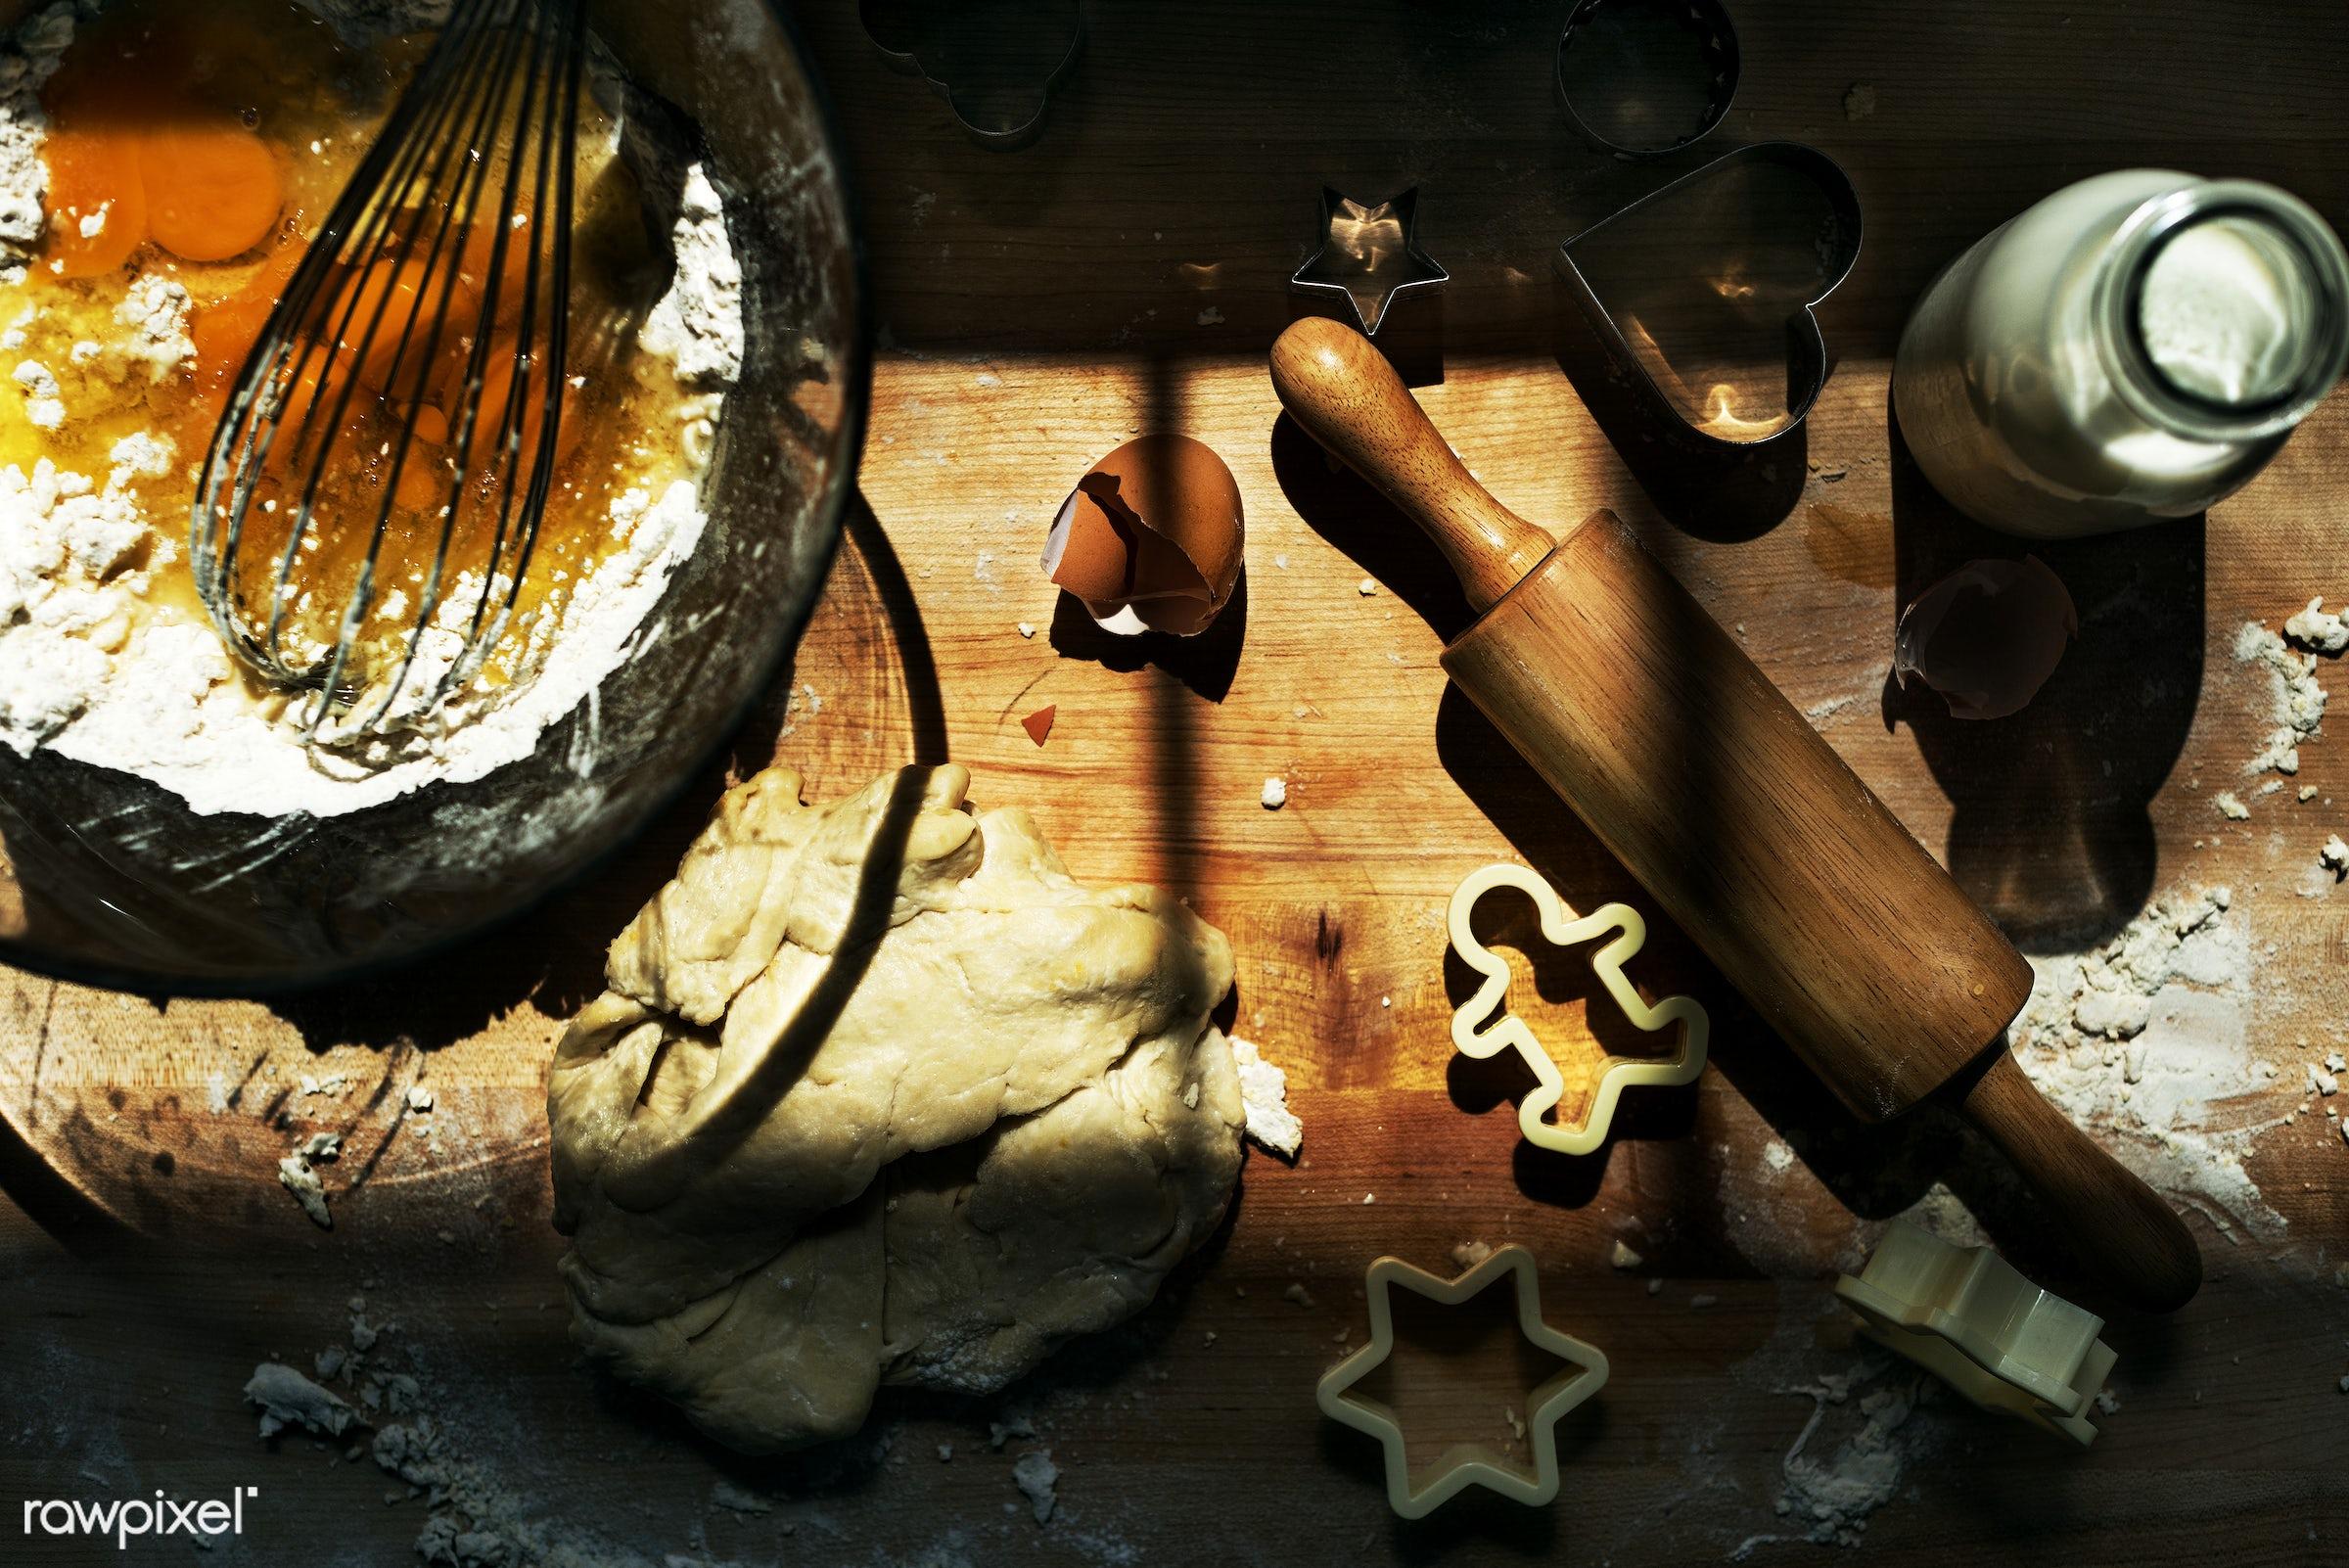 baking, bake, bake shop, baker, bakery, butter, cake, closeup, cookies, cooking, dessert, dough, equipment, flour, food,...